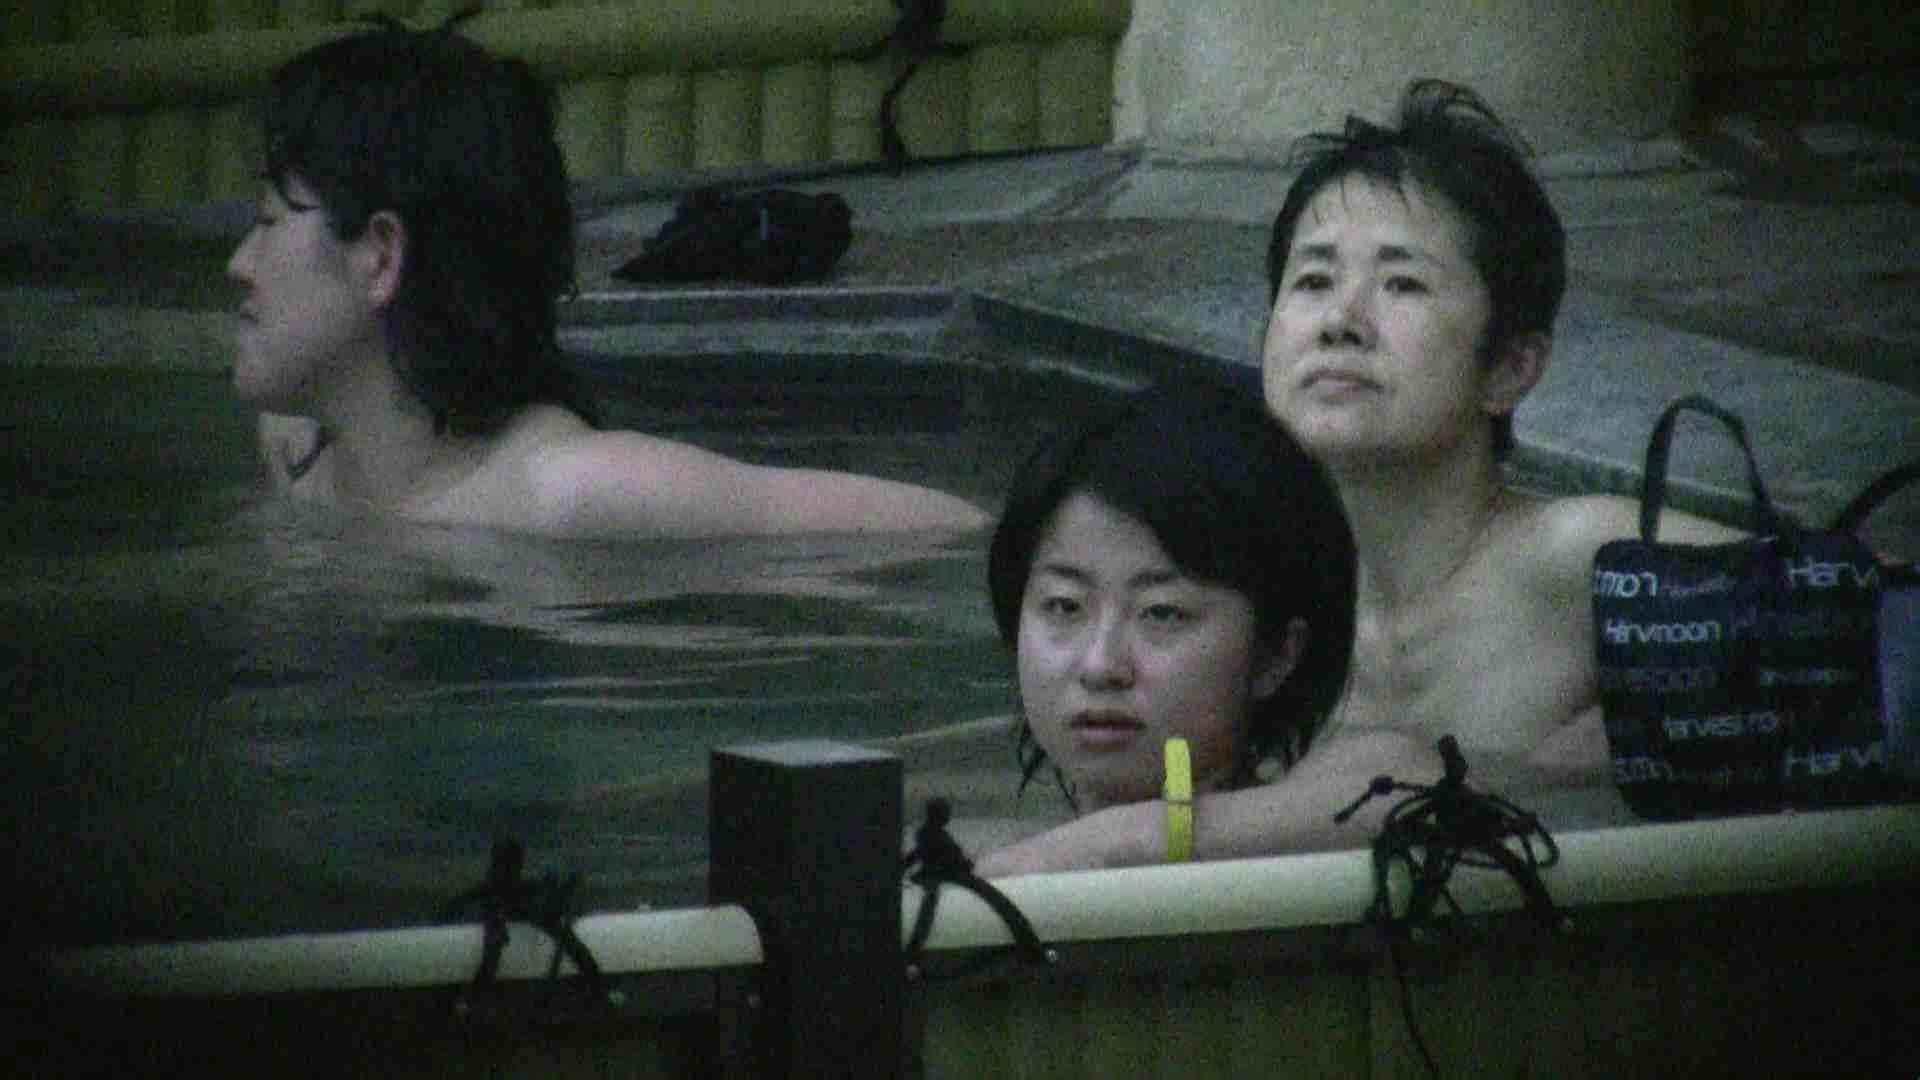 Aquaな露天風呂Vol.112 OLエロ画像  26PICs 9